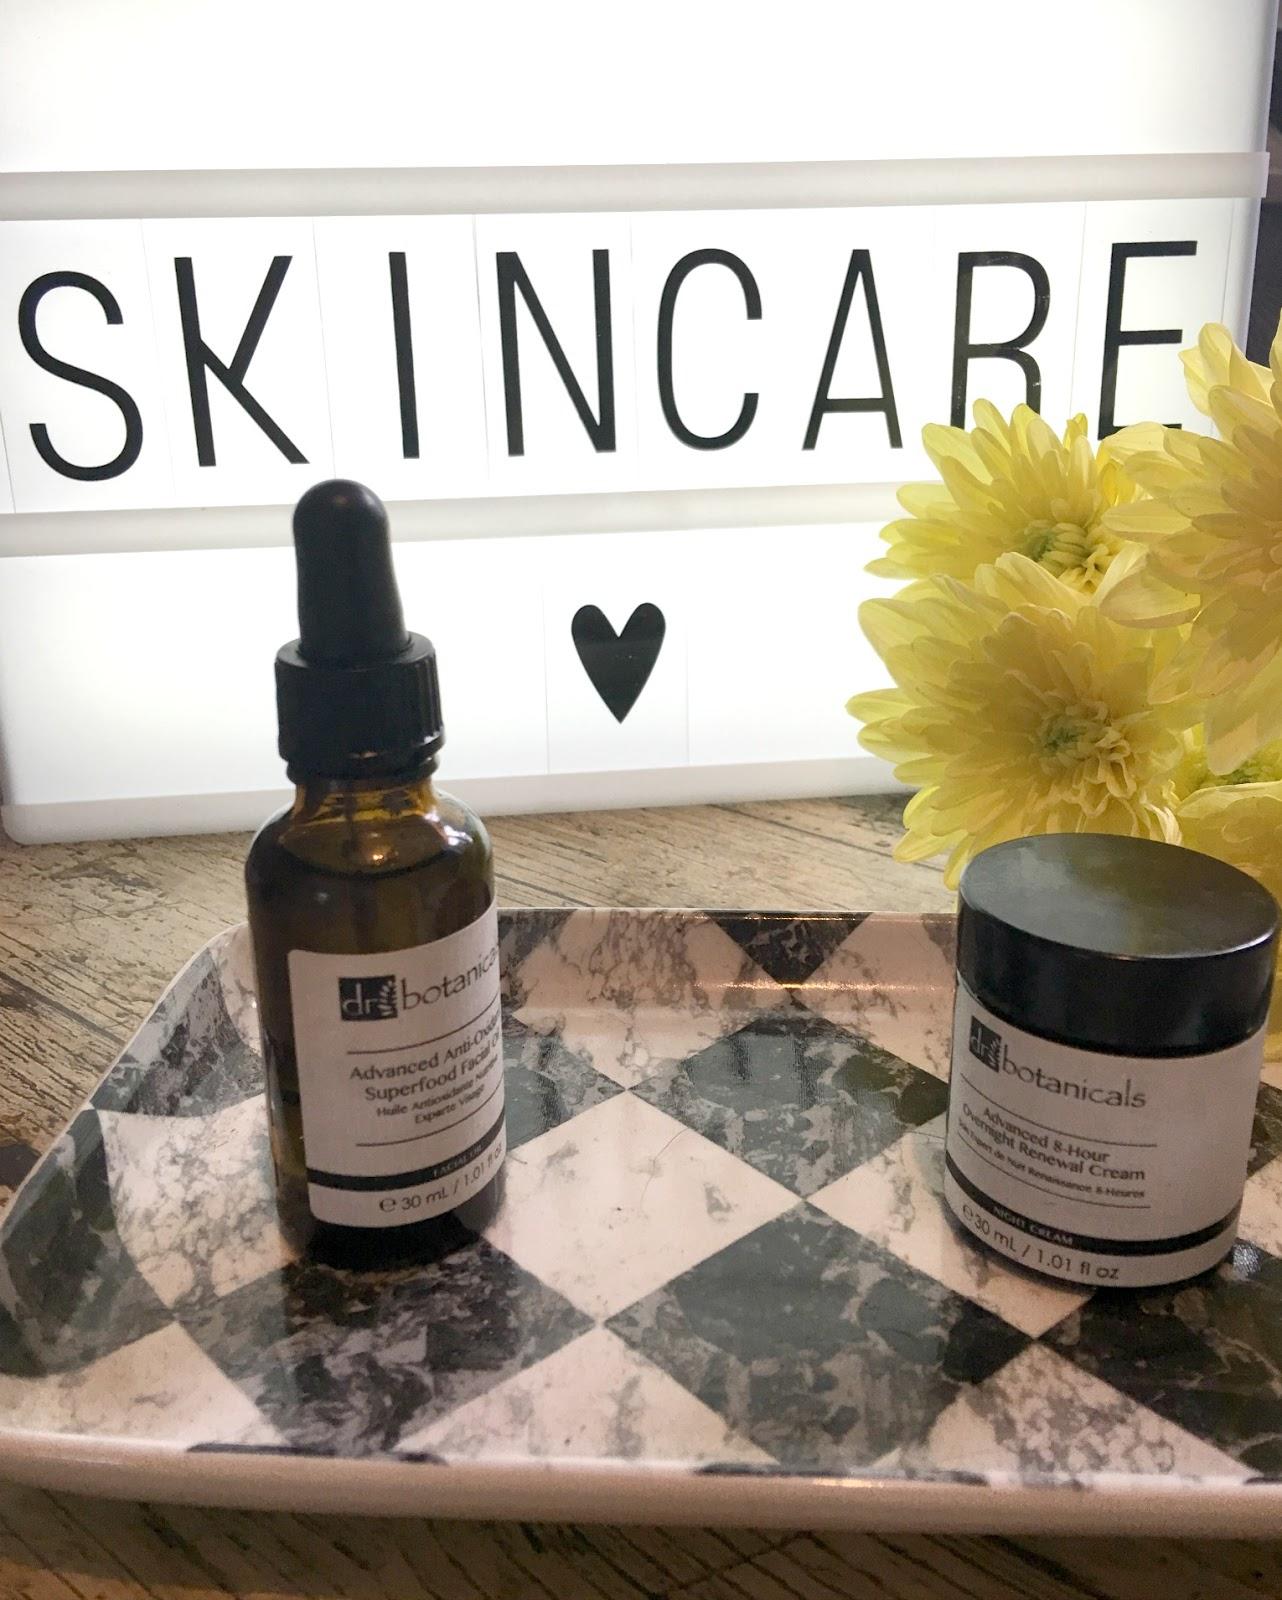 Dr.Botanicals skincare review